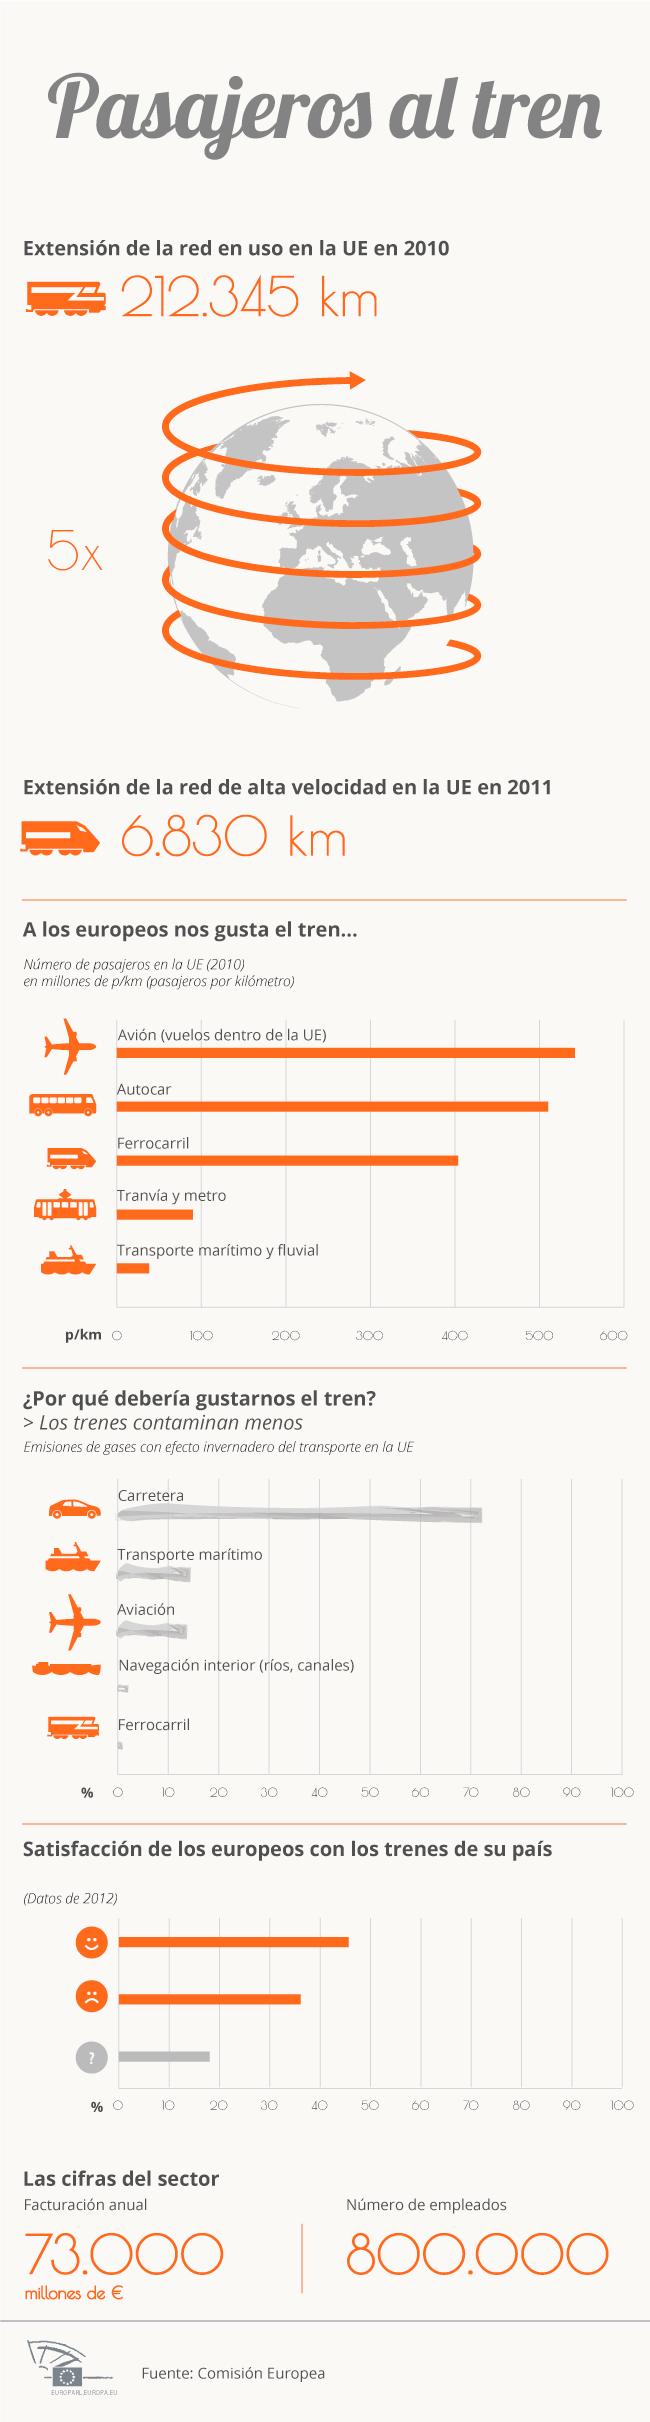 El sector ferroviario en la Unión Europea